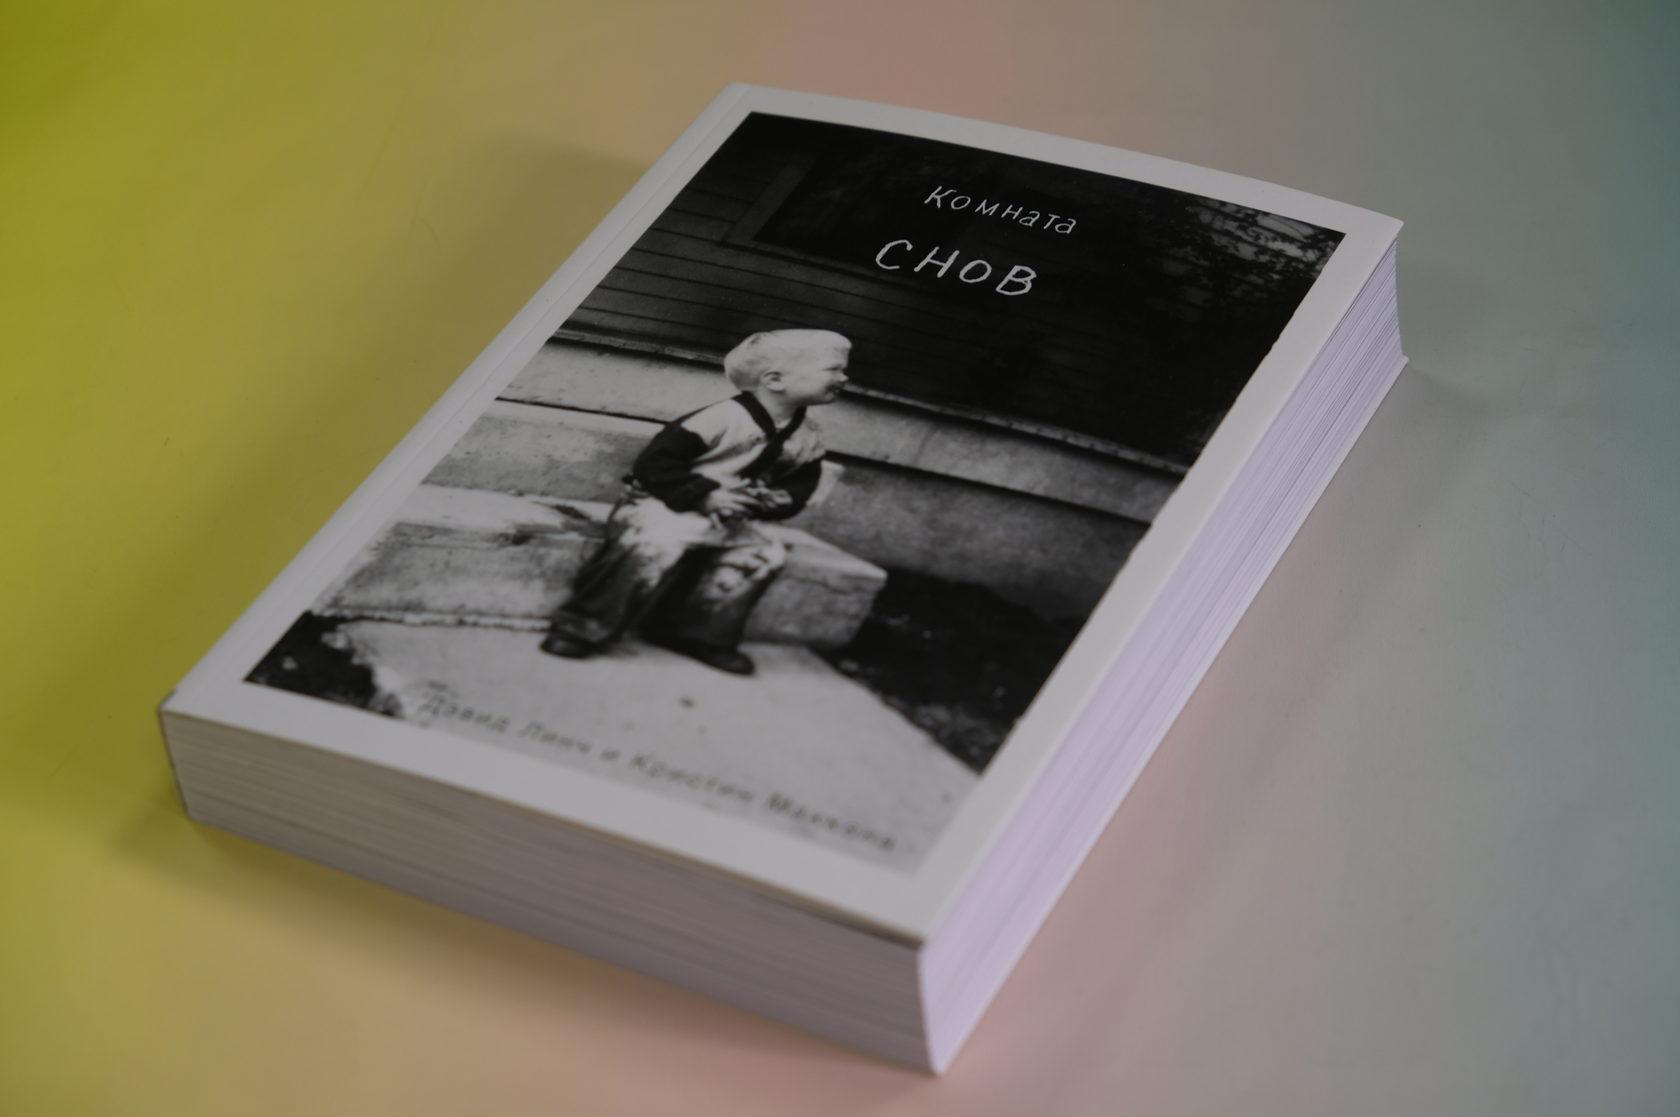 Купить книгу «Комната снов. Автобиография Дэвида Линча»  978-5-04-103034-6